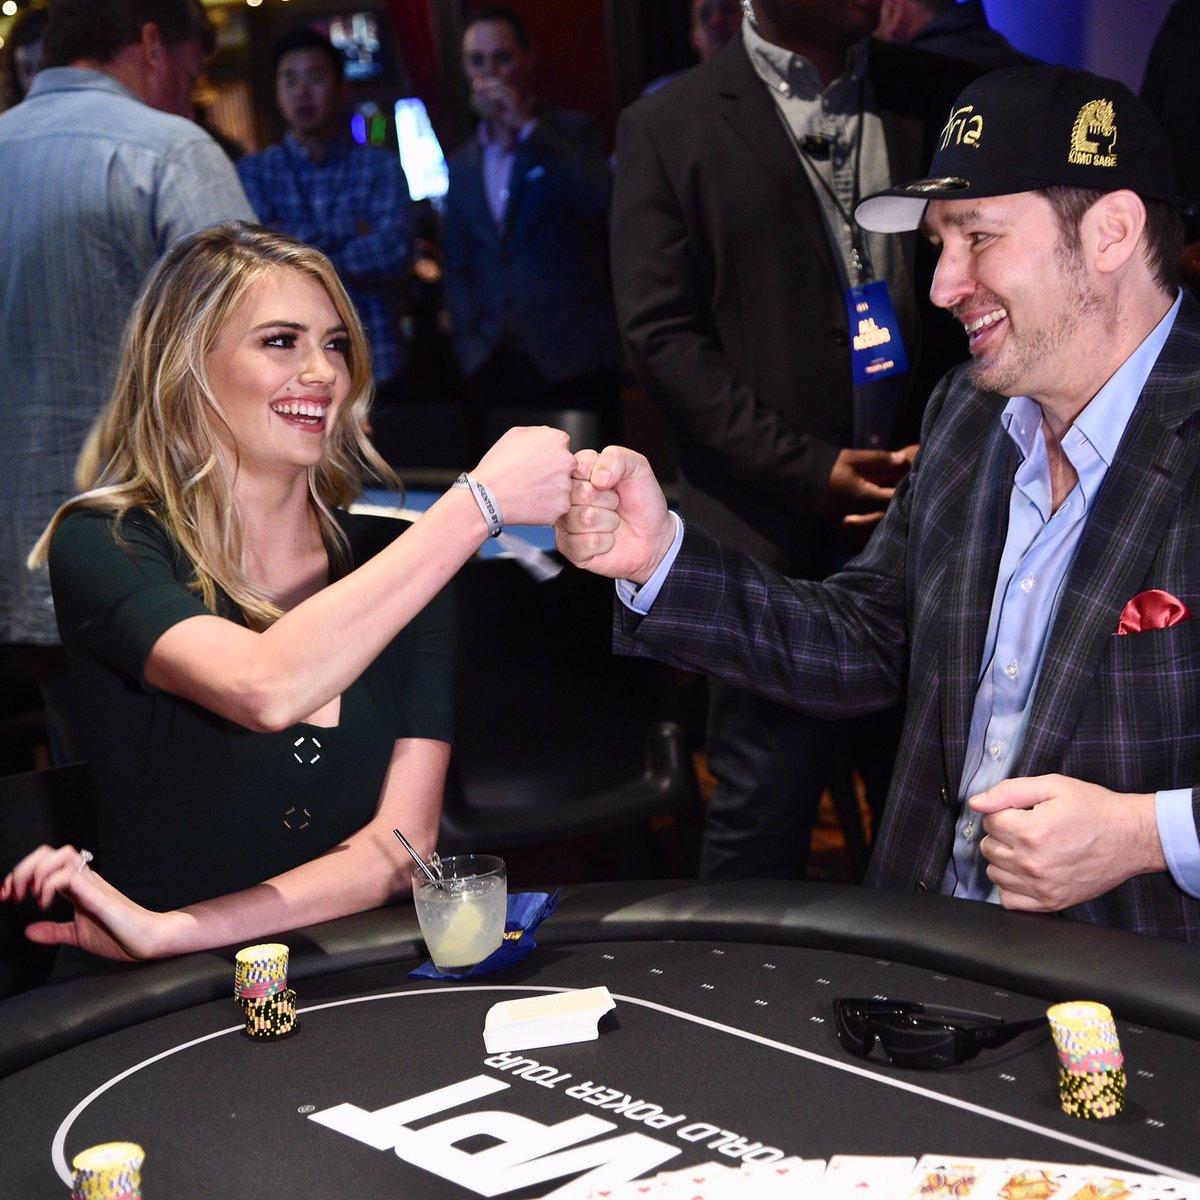 Showboat blackjack tournament